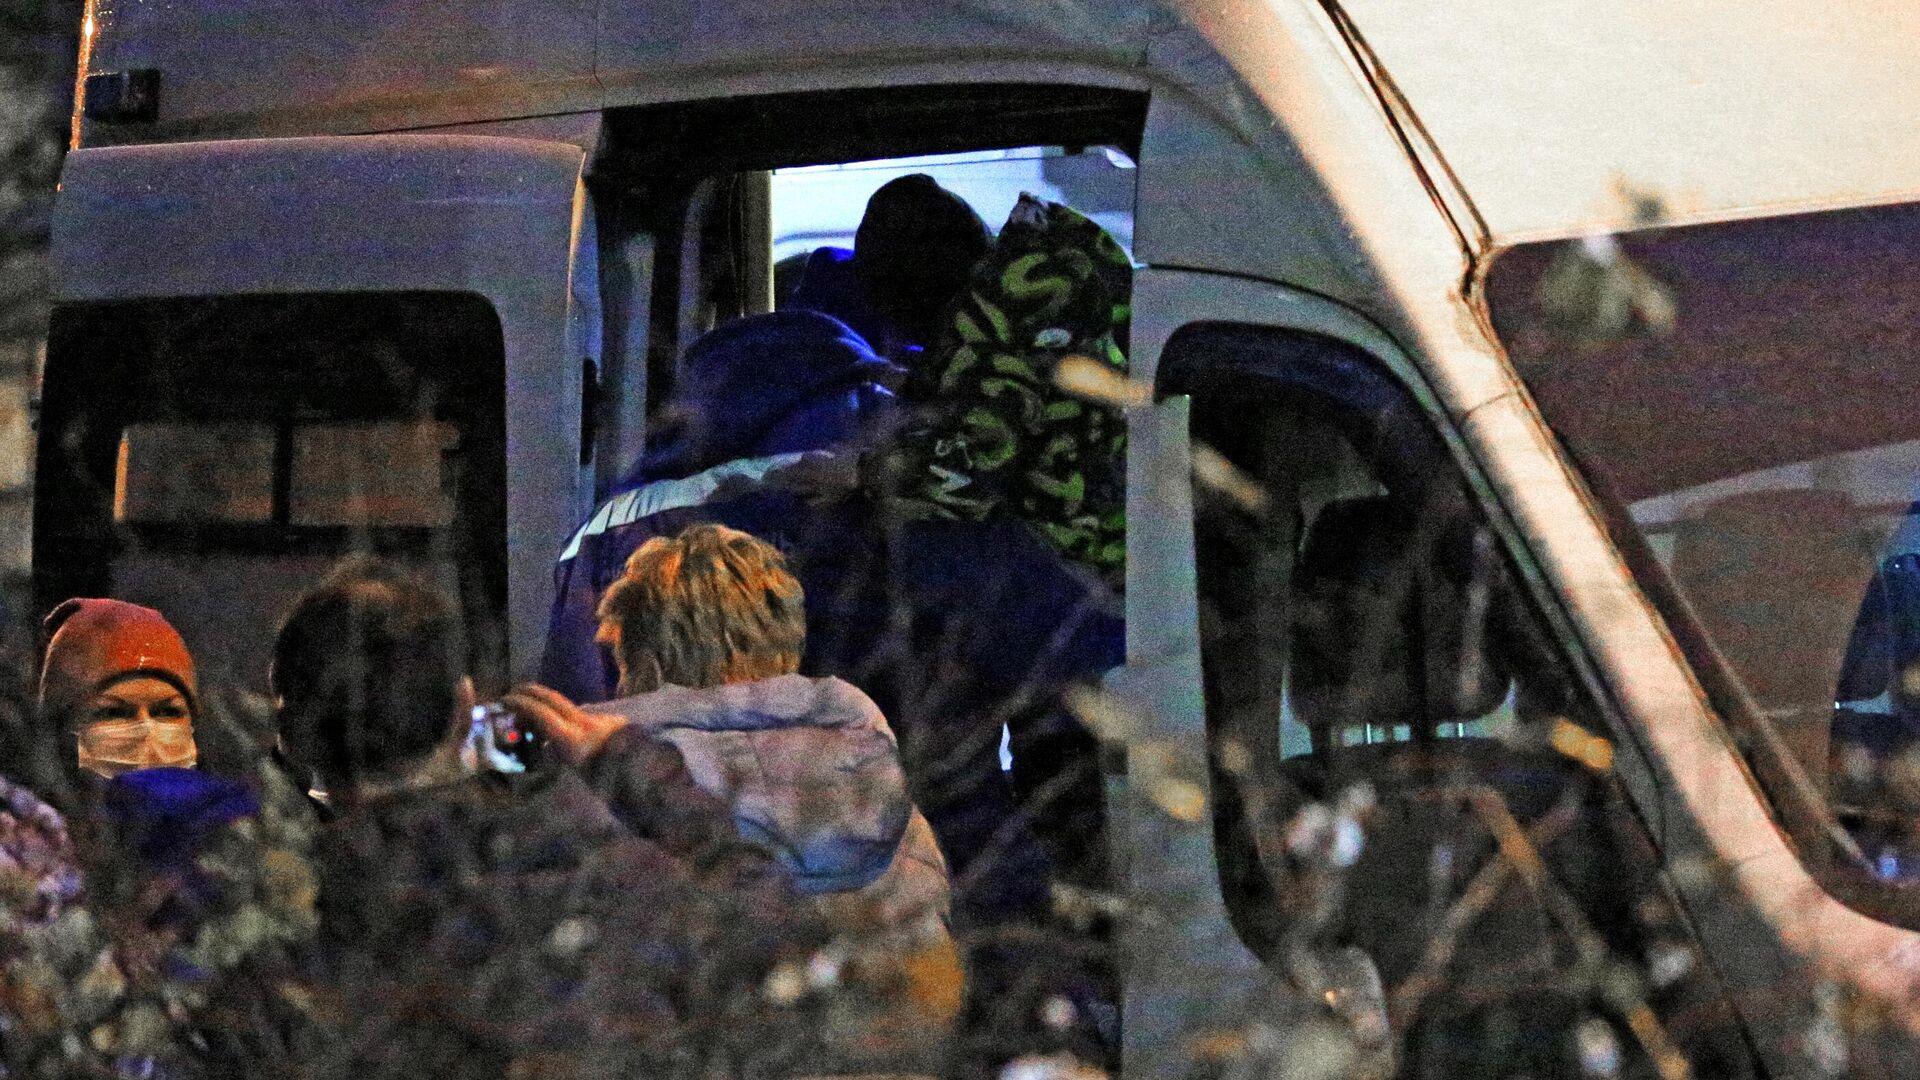 Сотрудник скорой помощи заносит в автомобиль одного из шестерых детей, освобожденных после захвата в городе Колпино - РИА Новости, 1920, 24.11.2020